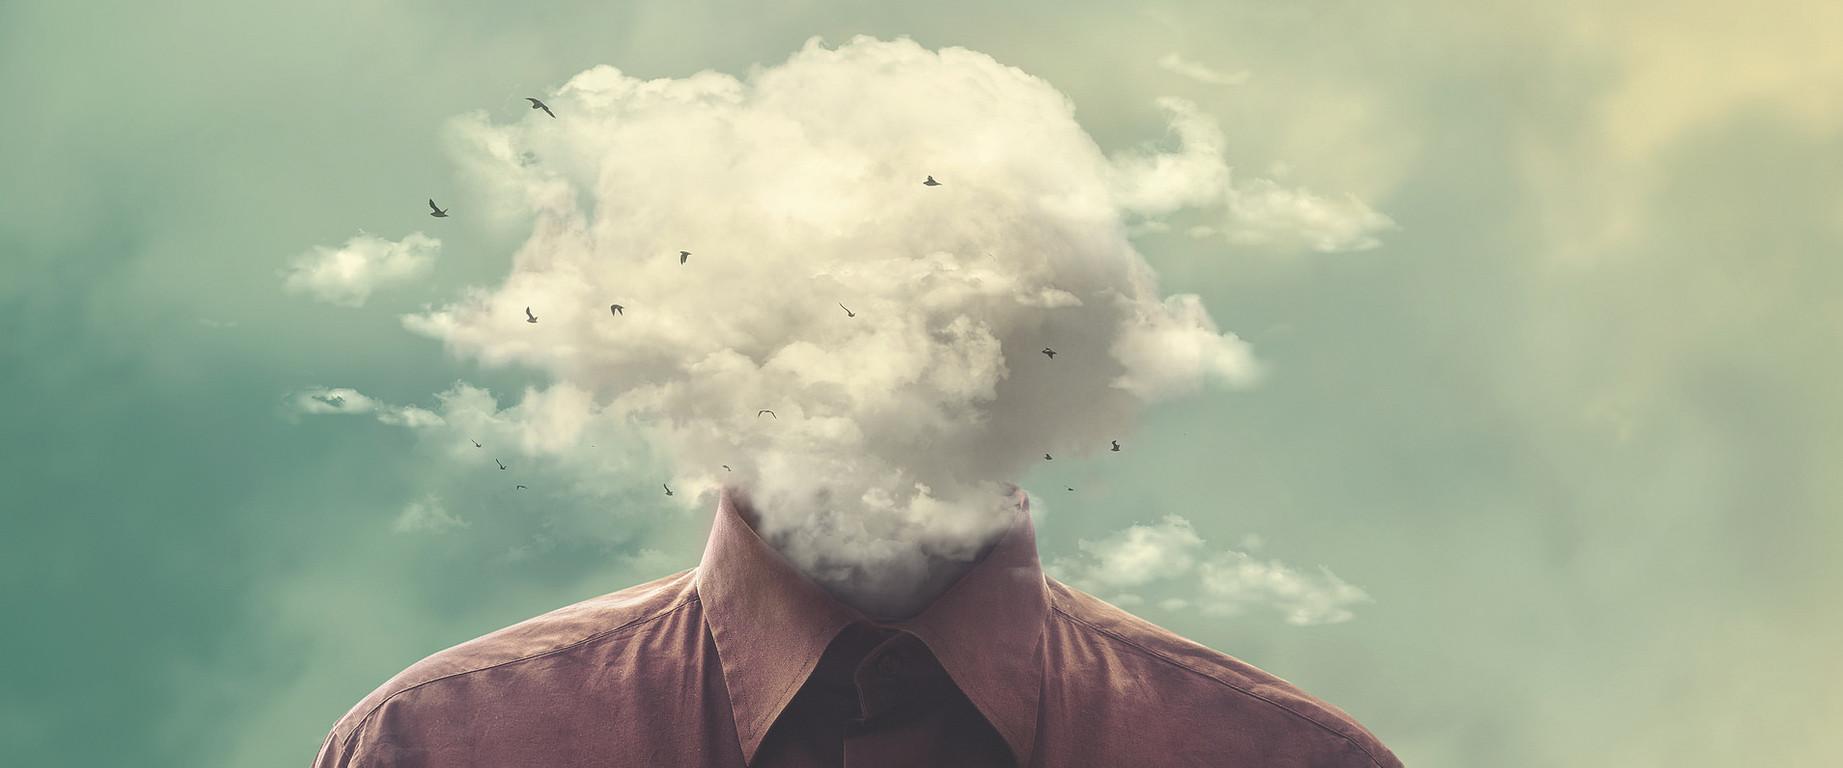 El cerebro no siempre reacciona igual ante un error